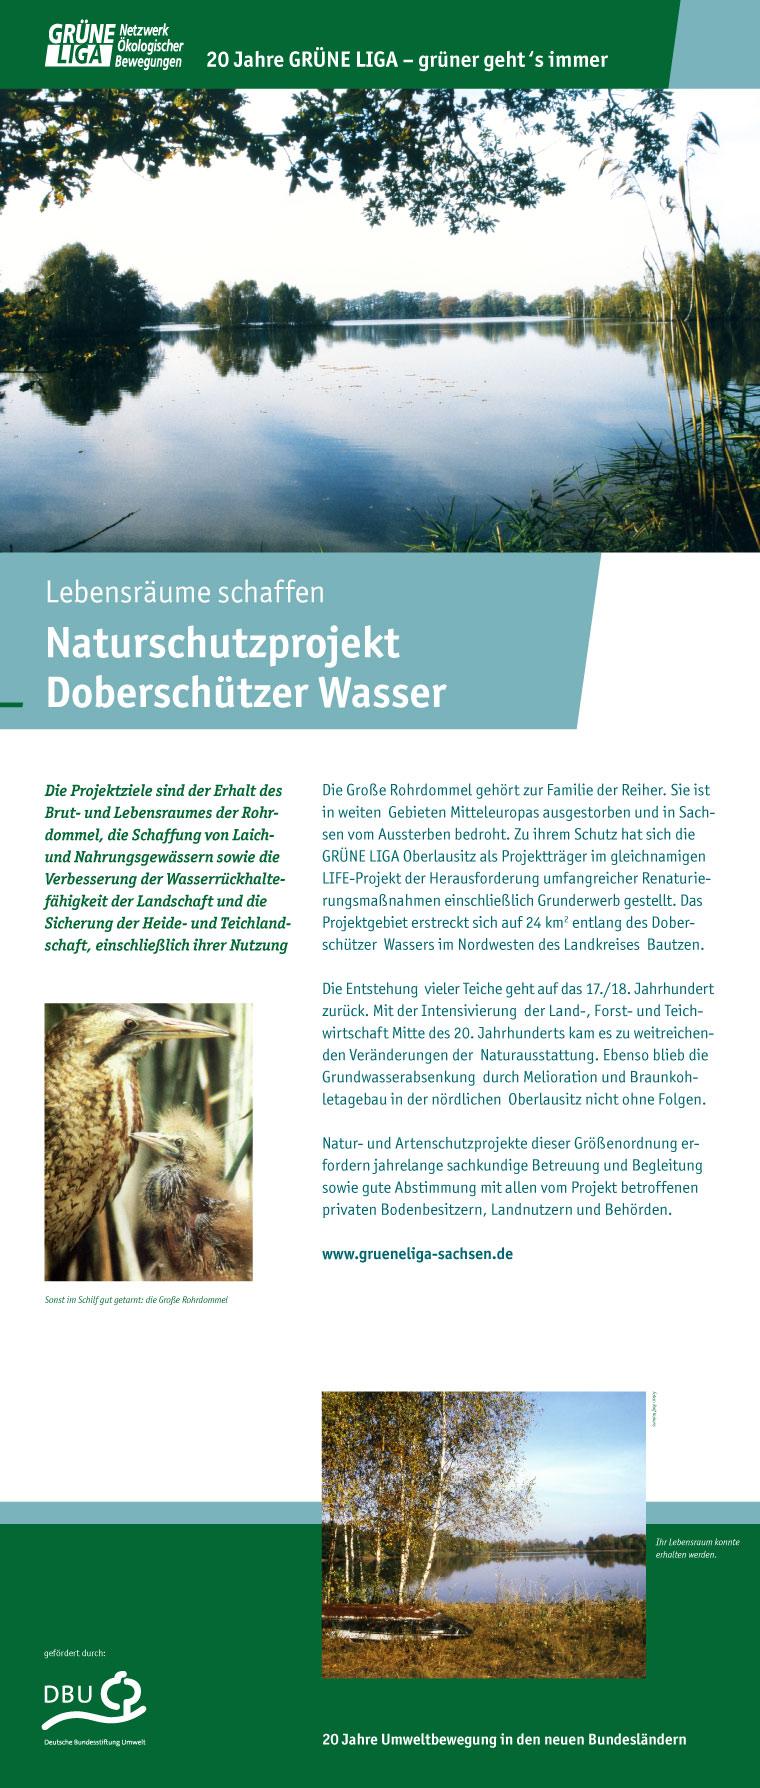 Lebensräume schaffen - Naturschutzprojekt Doberschützer Wasser